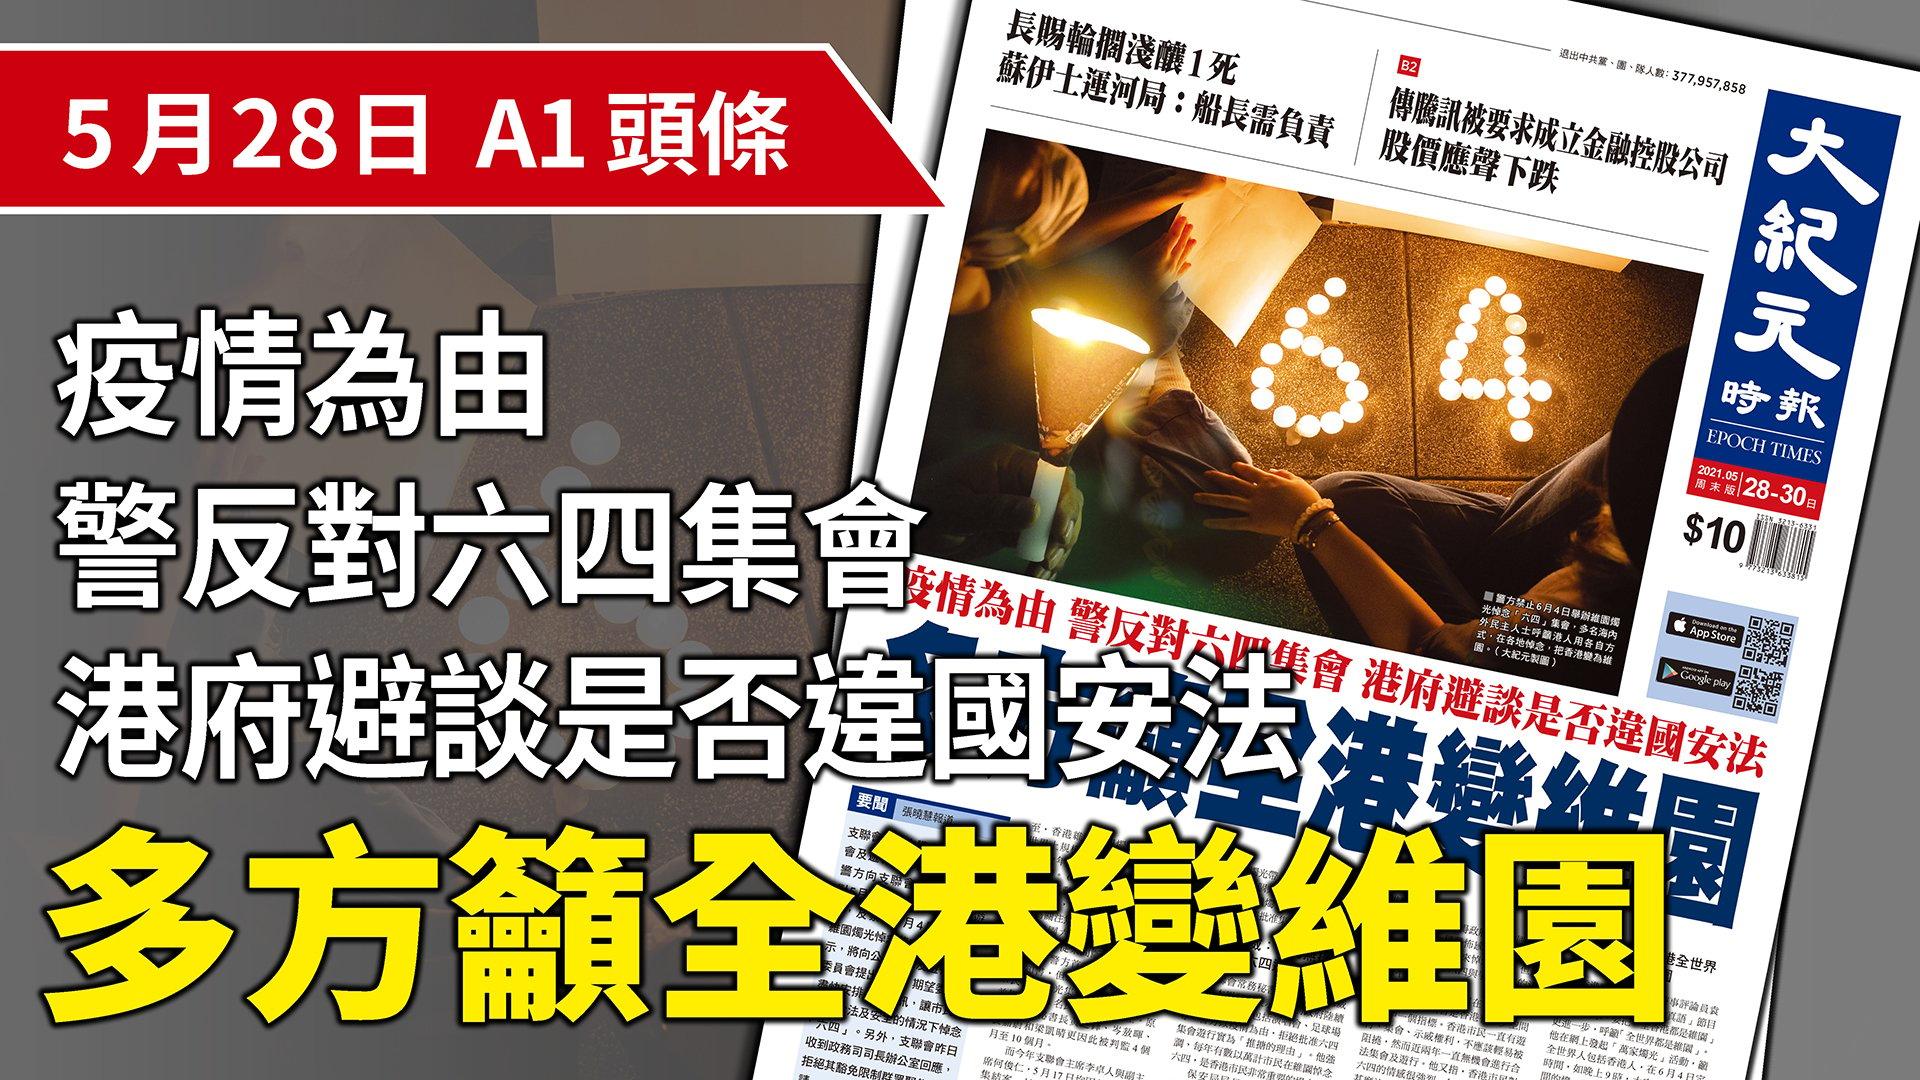 警方禁止6月4日舉辦維園燭光悼念「六四」集會,多名海內外民主人士呼籲港人用各自方式,在各地悼念,把香港變為維園。(大紀元製圖)